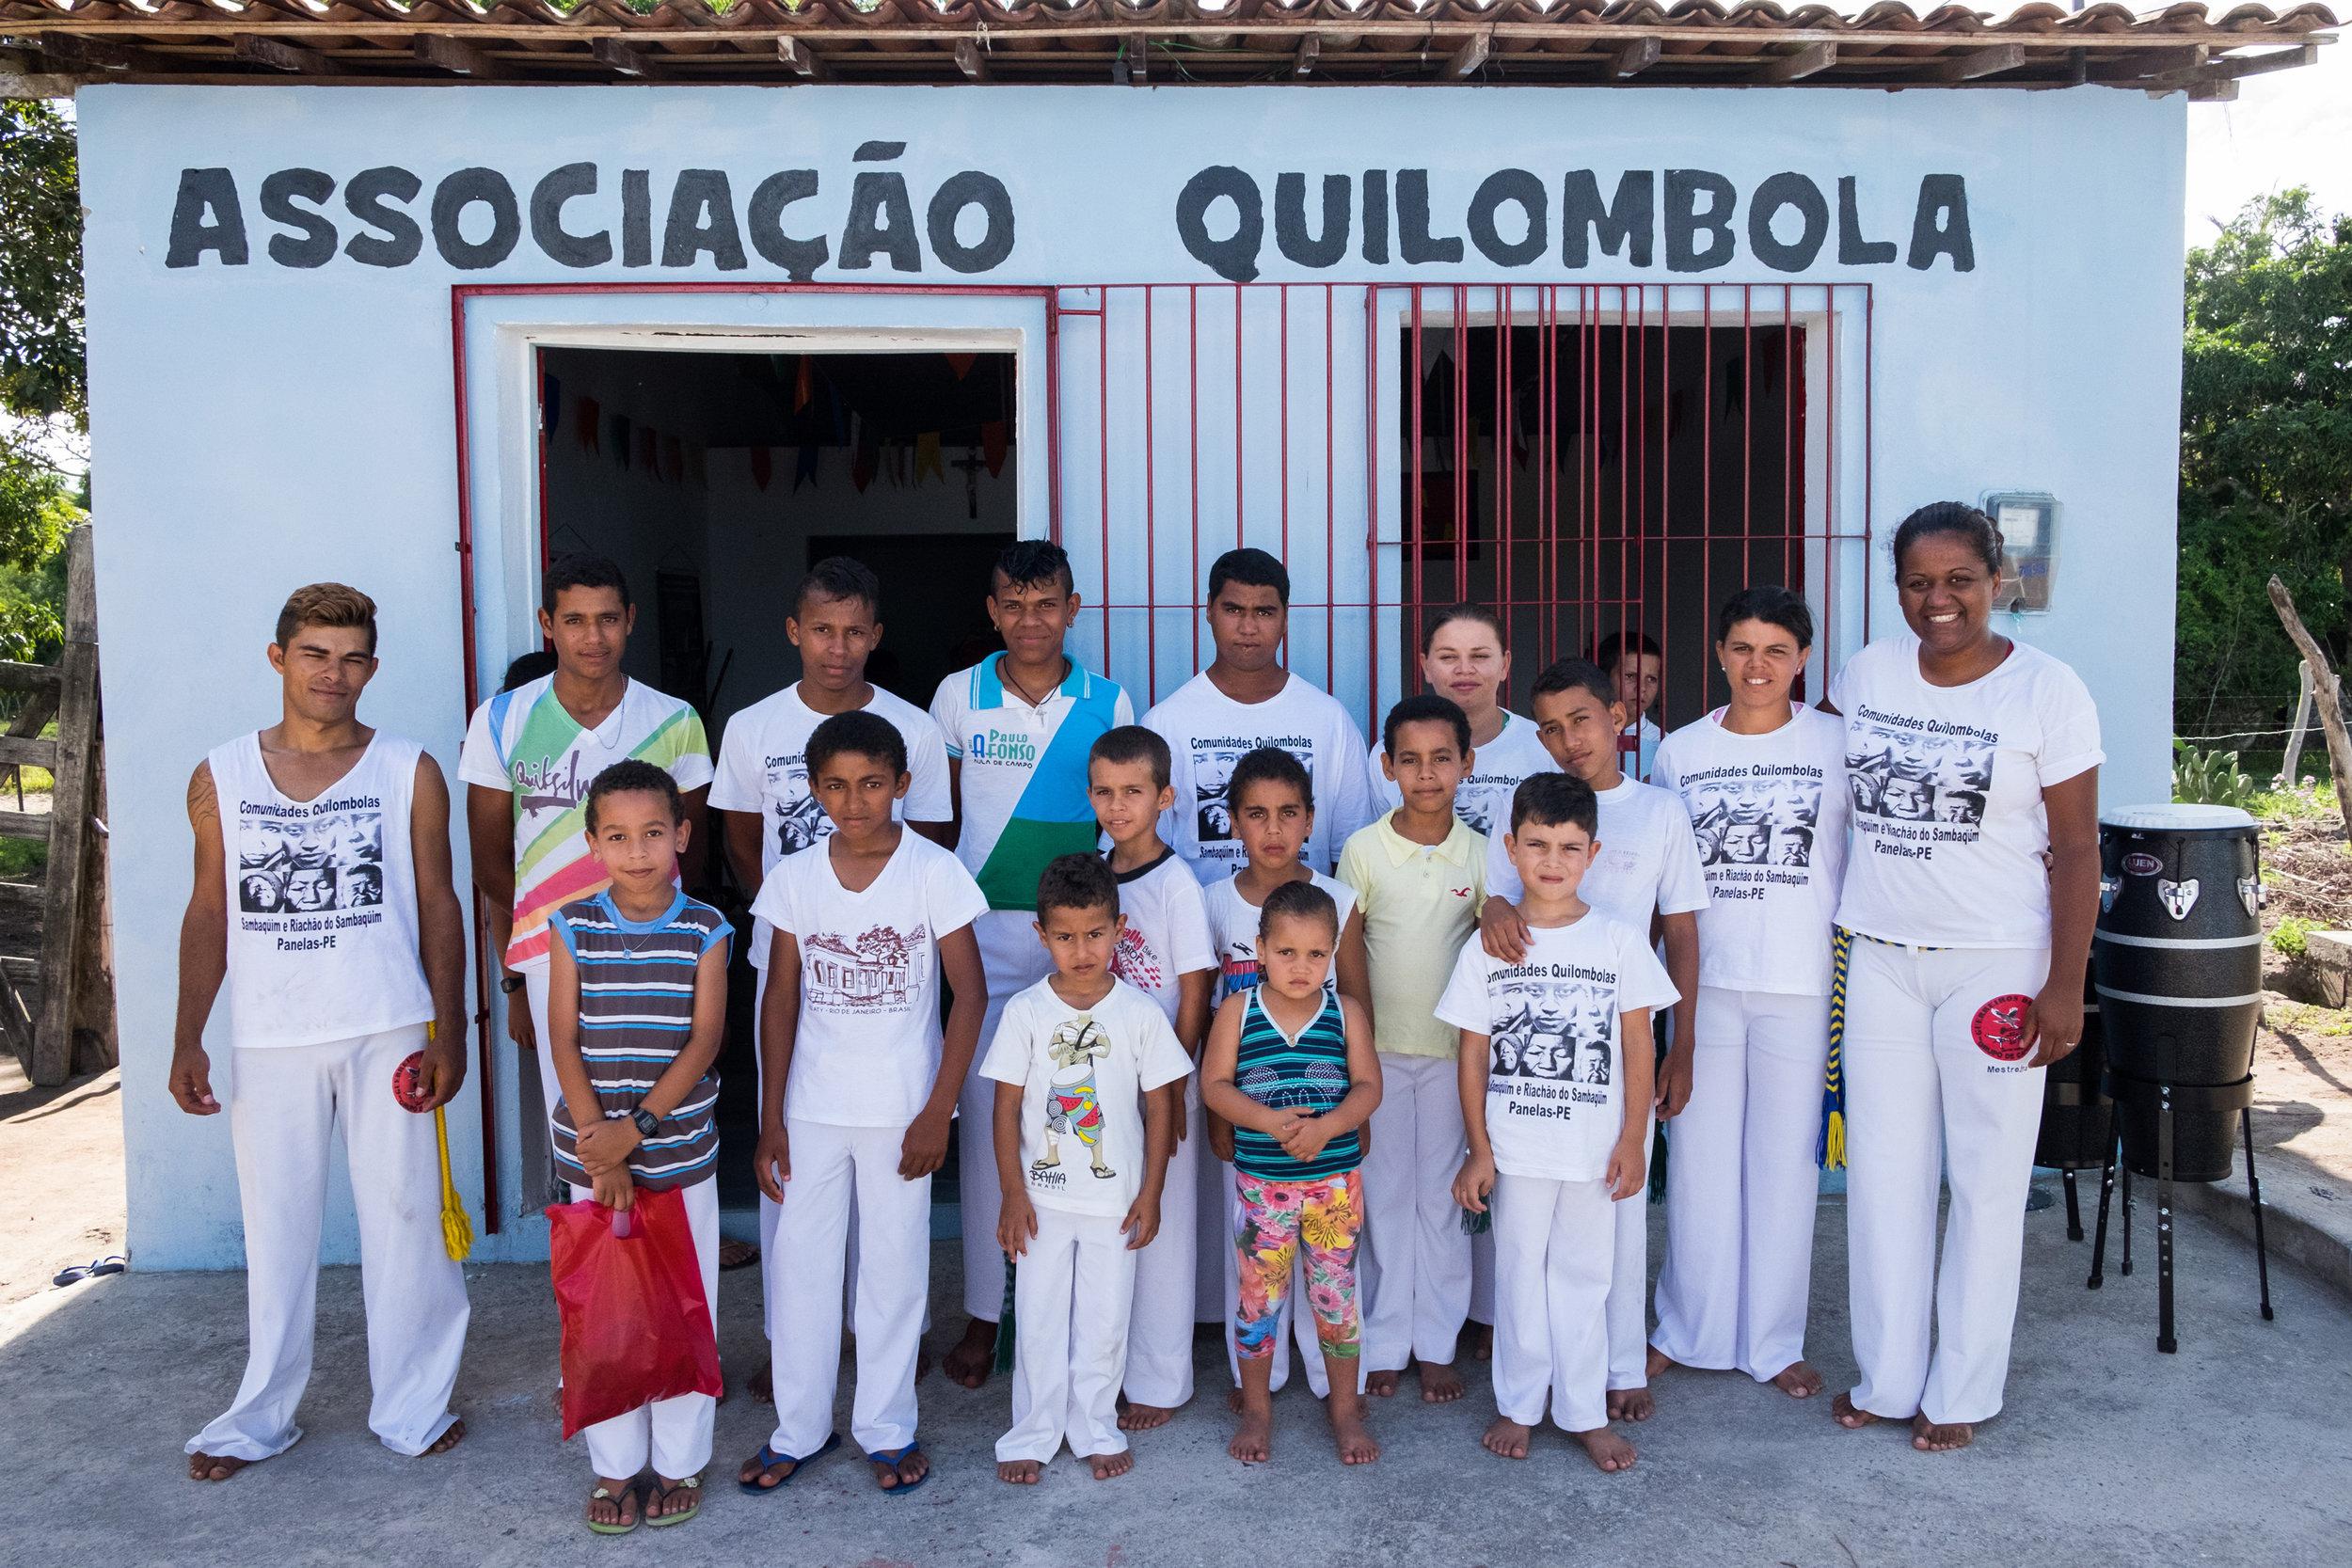 Associação Quilombola ,Pau Ferro-PE, 2016